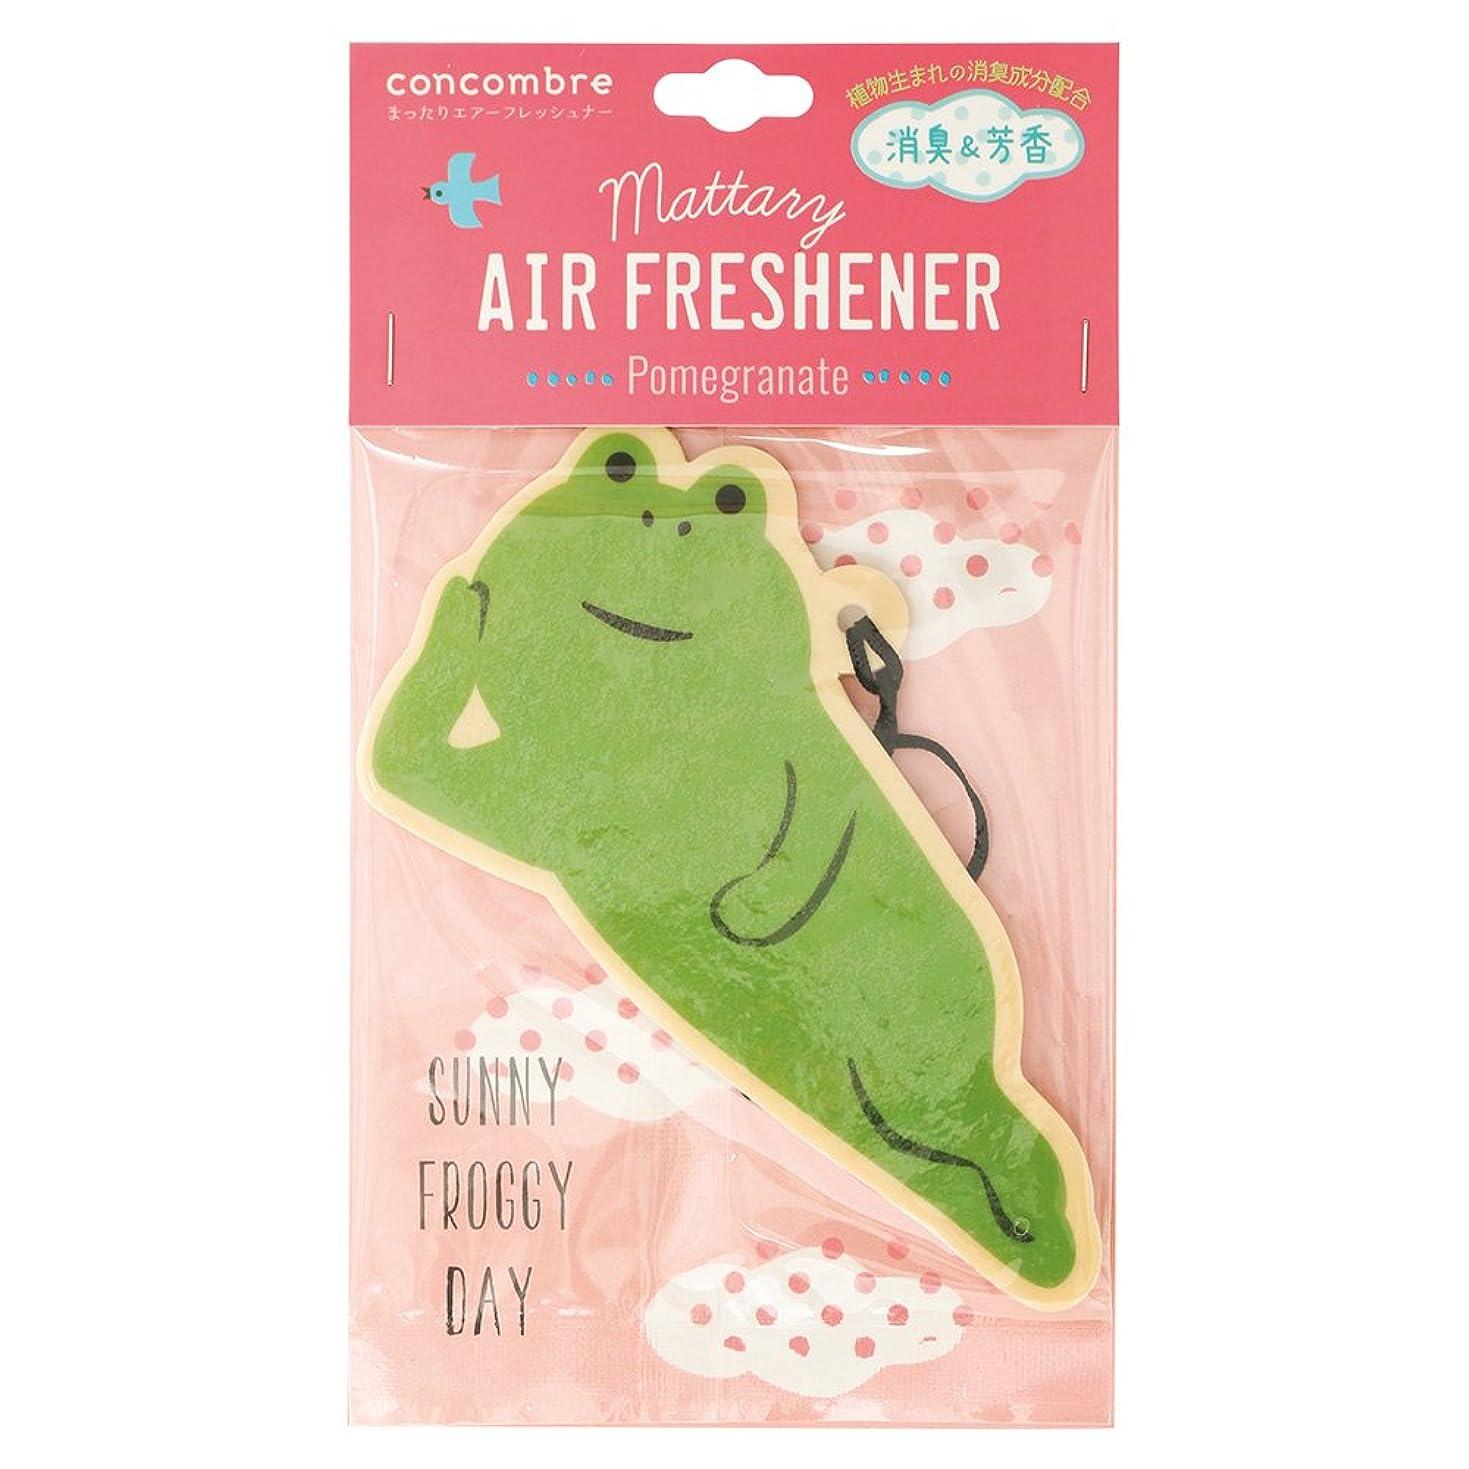 急いで降伏後concombre 芳香剤 まったりエアーフレッシュナー 吊り下げ 消臭成分配合 ざくろの香り OA-DKA-5-3